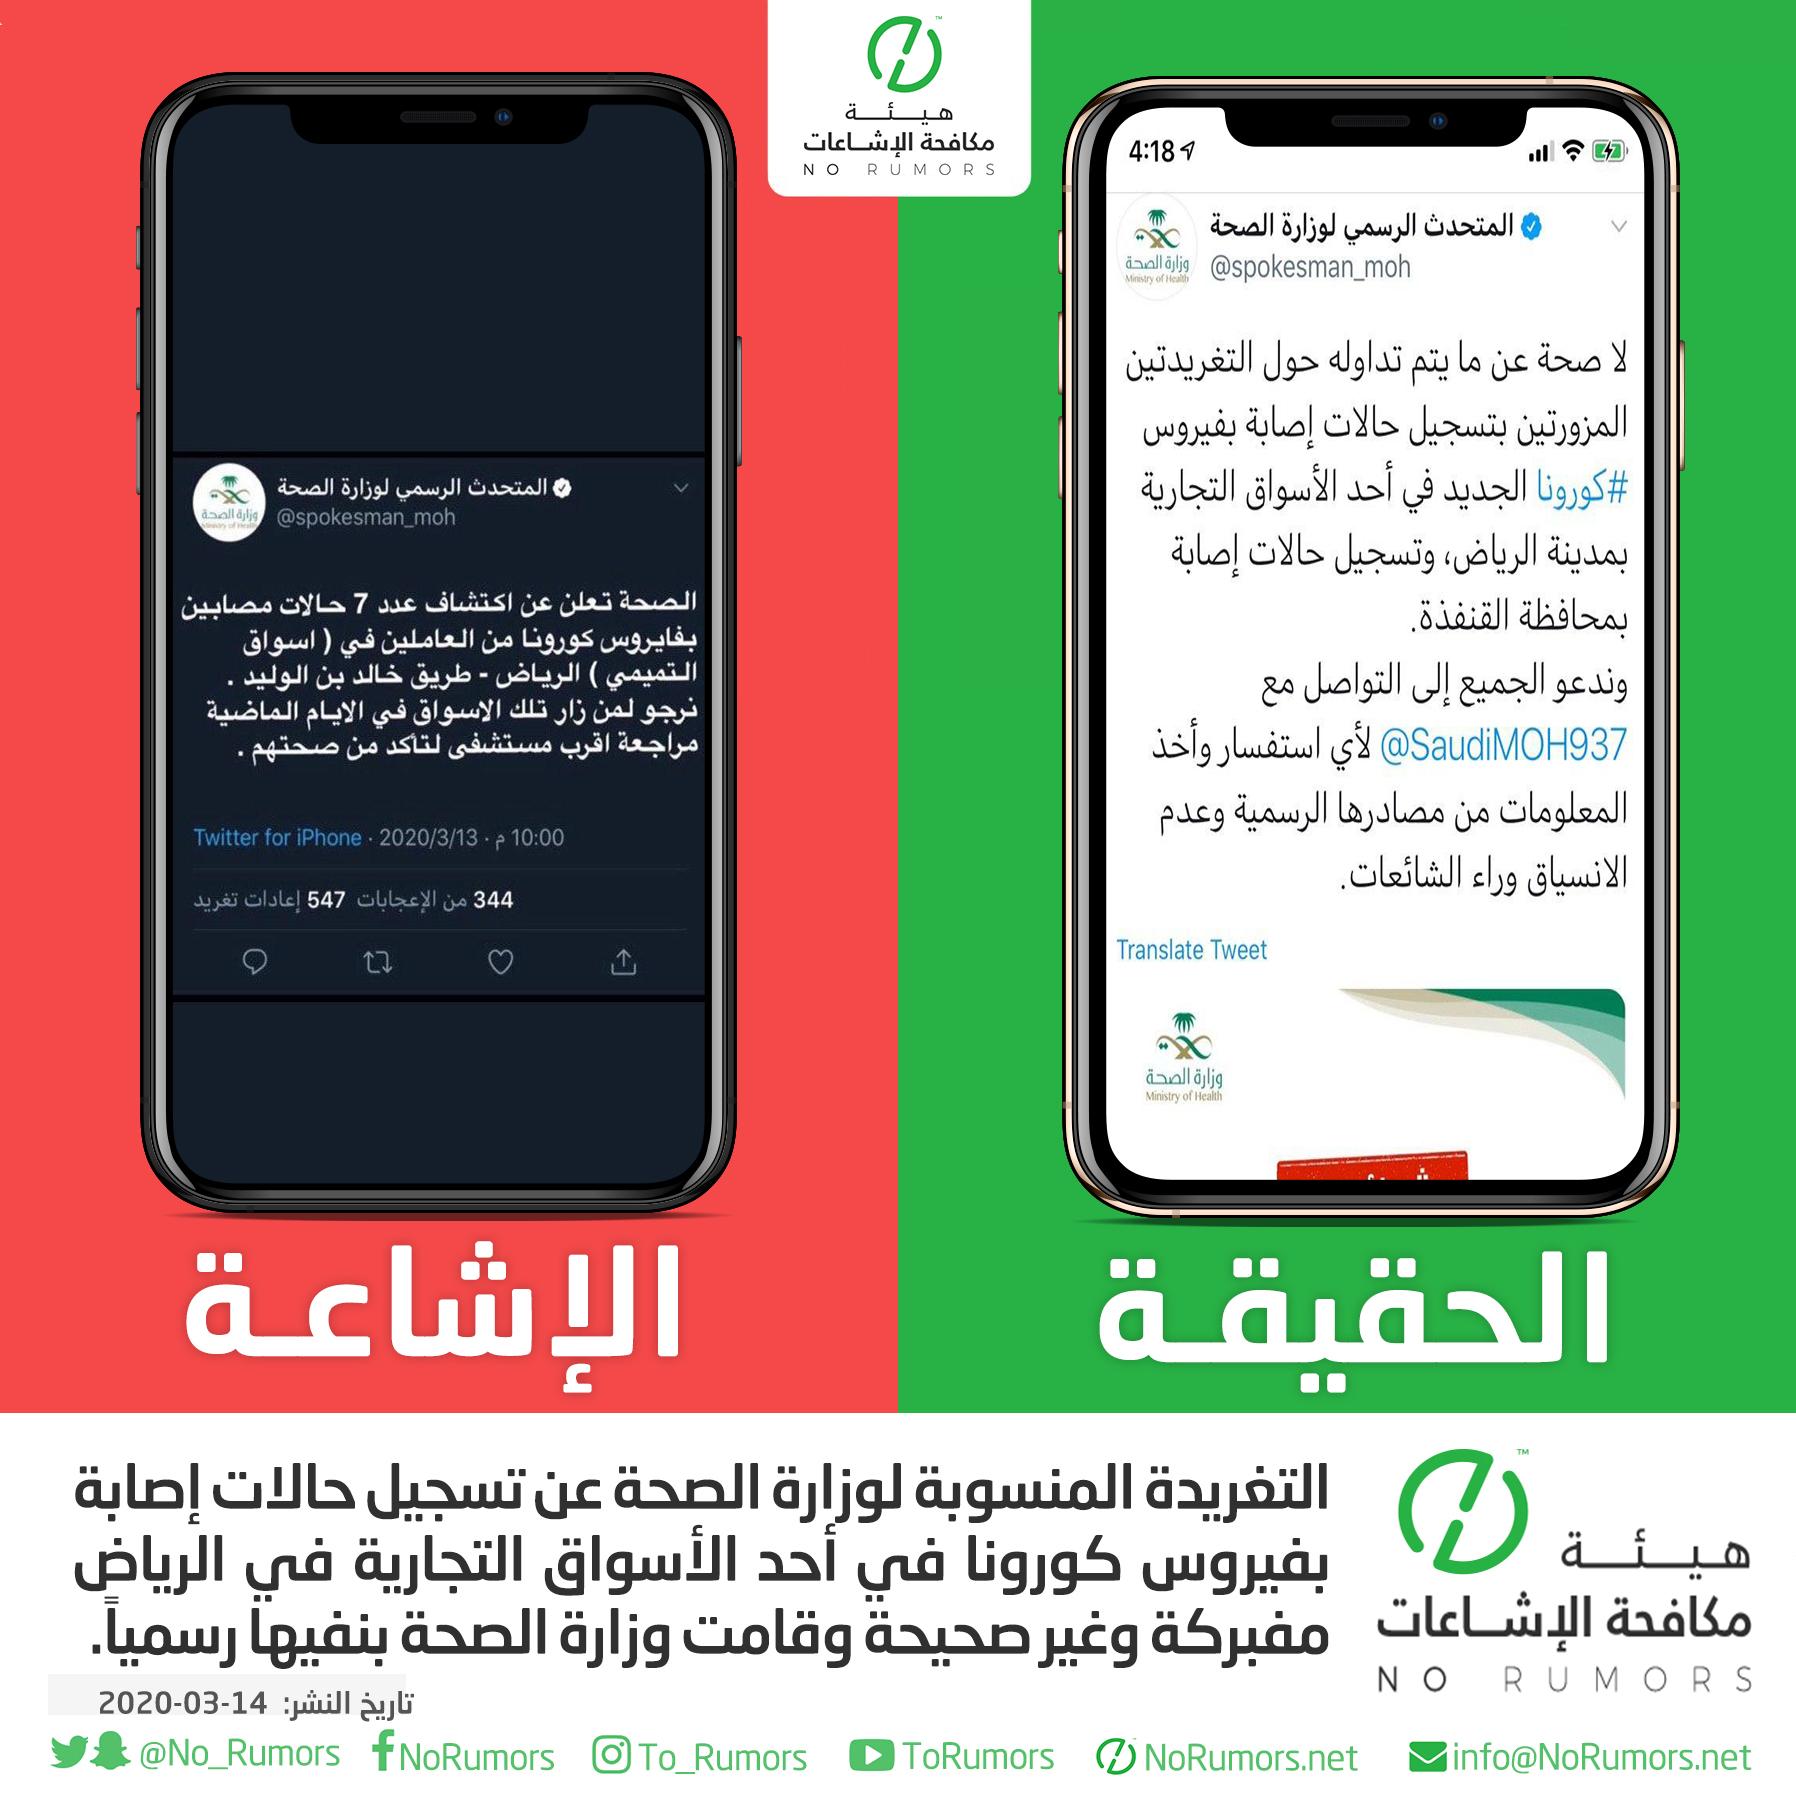 حقيقة التغريدة المنسوبة لوزارة الصحة عن تسجيل حالات إصابة بفيروس كورونا في أحد الأسواق التجارية في الرياض